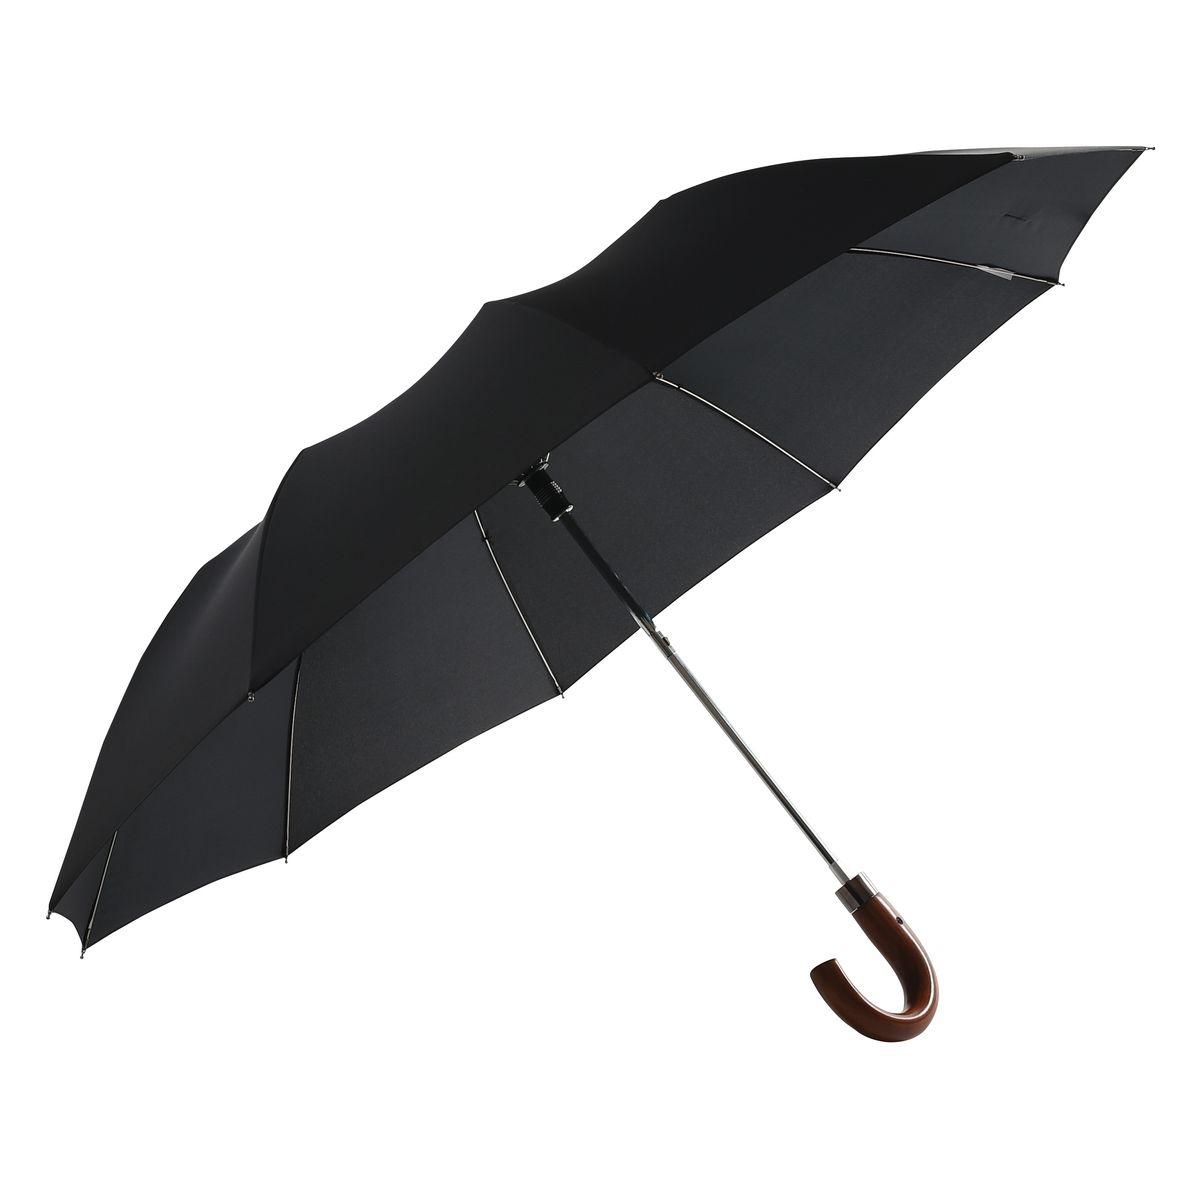 Parapluie NEYRAT Autun - Wind proof - PLIANT AUTOMATIQUE - POIGNEE BOIS